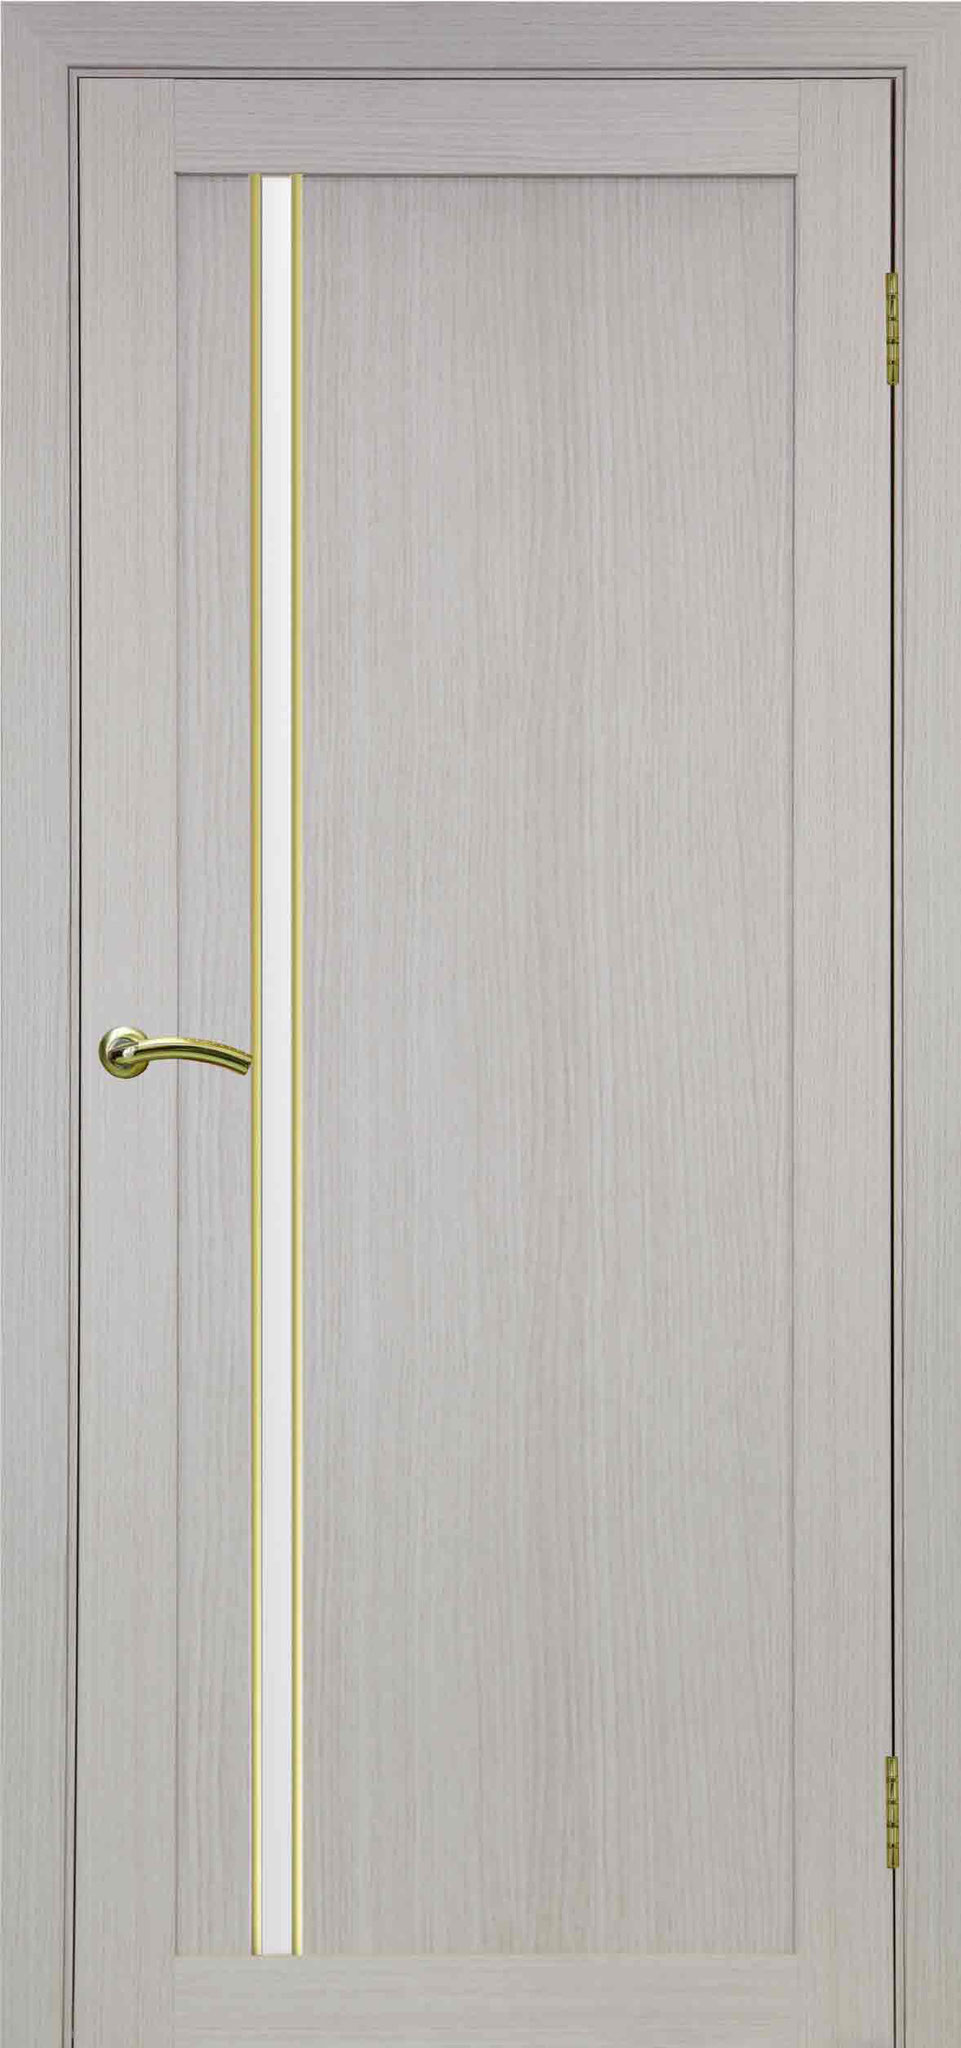 527, белёный дуб, АПС молдинг матовое золото, стекло сатин белое